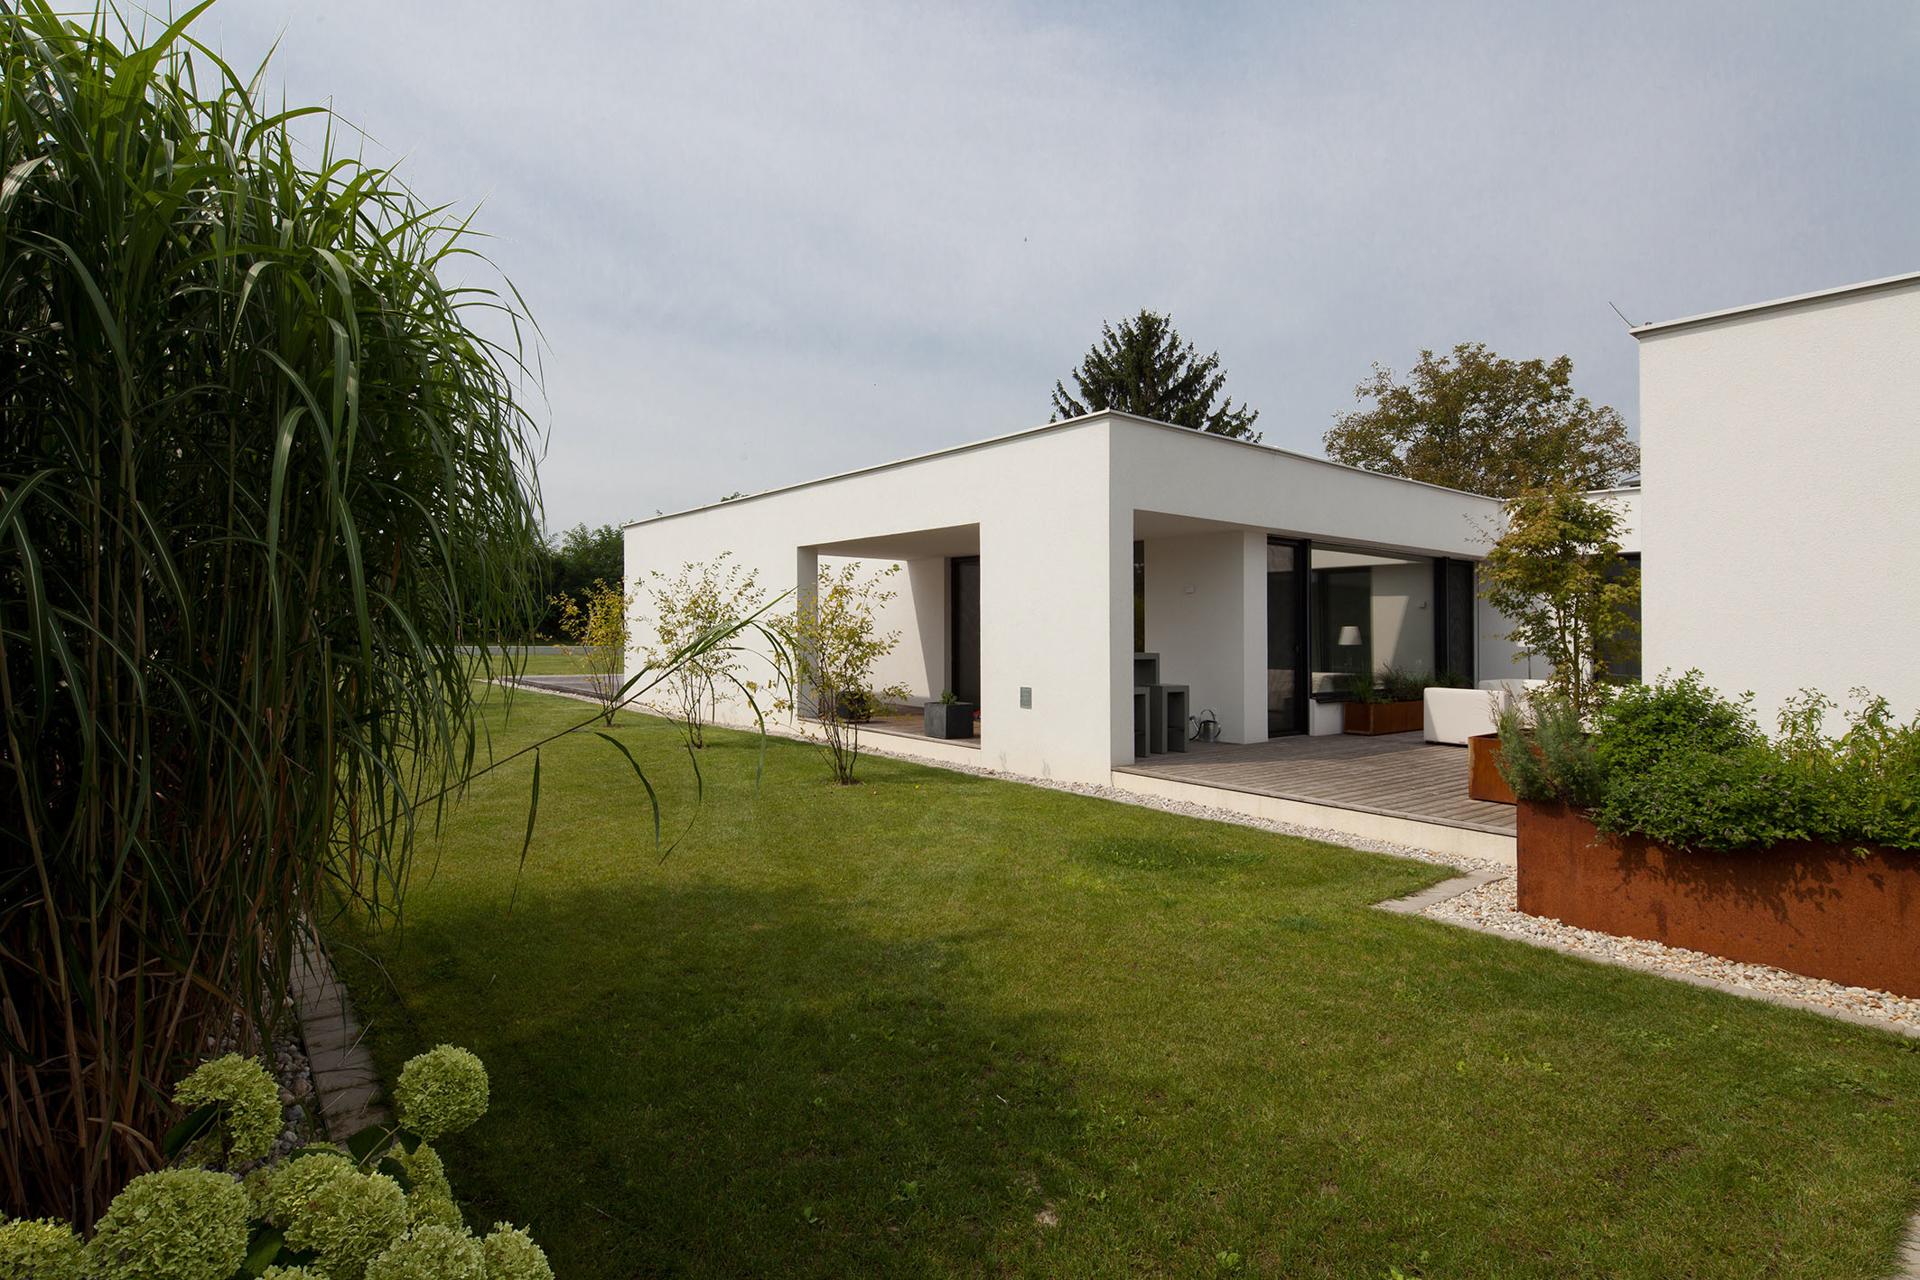 Außenansicht eines Bungalows der Paschinger Architekten mit Garten